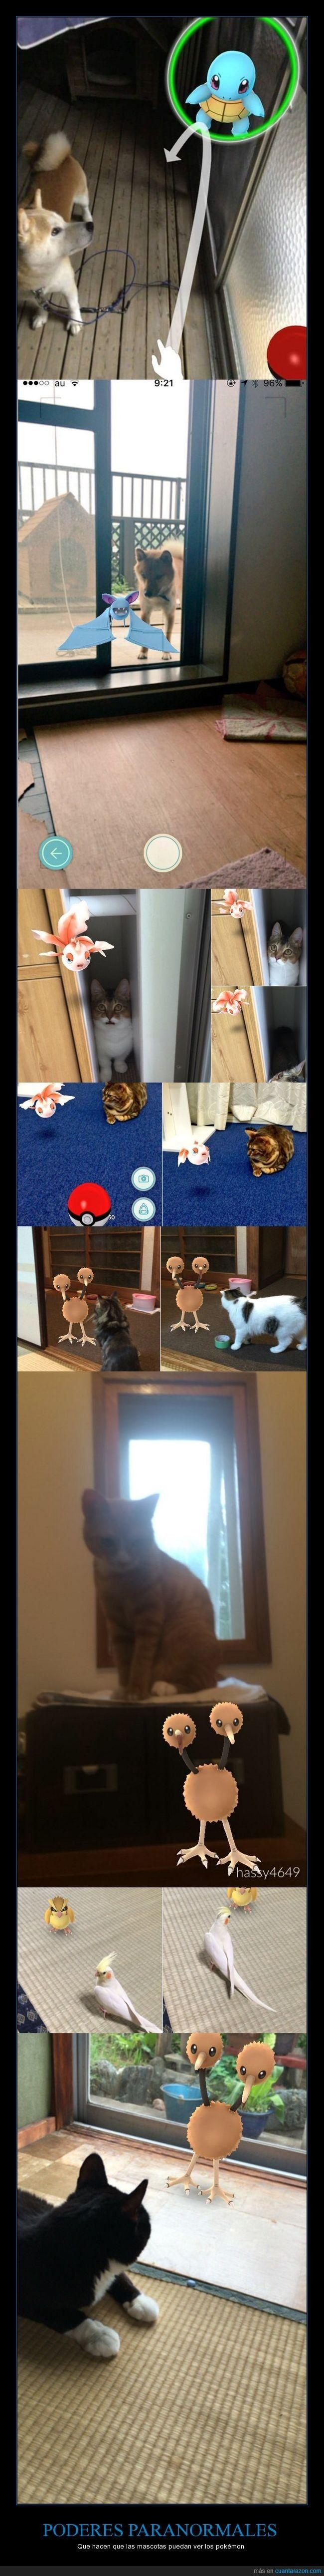 Existe un rumor en Japón según el cual las mascotas pueden ver los pokémon - Que hacen que las mascotas puedan ver los pokémon